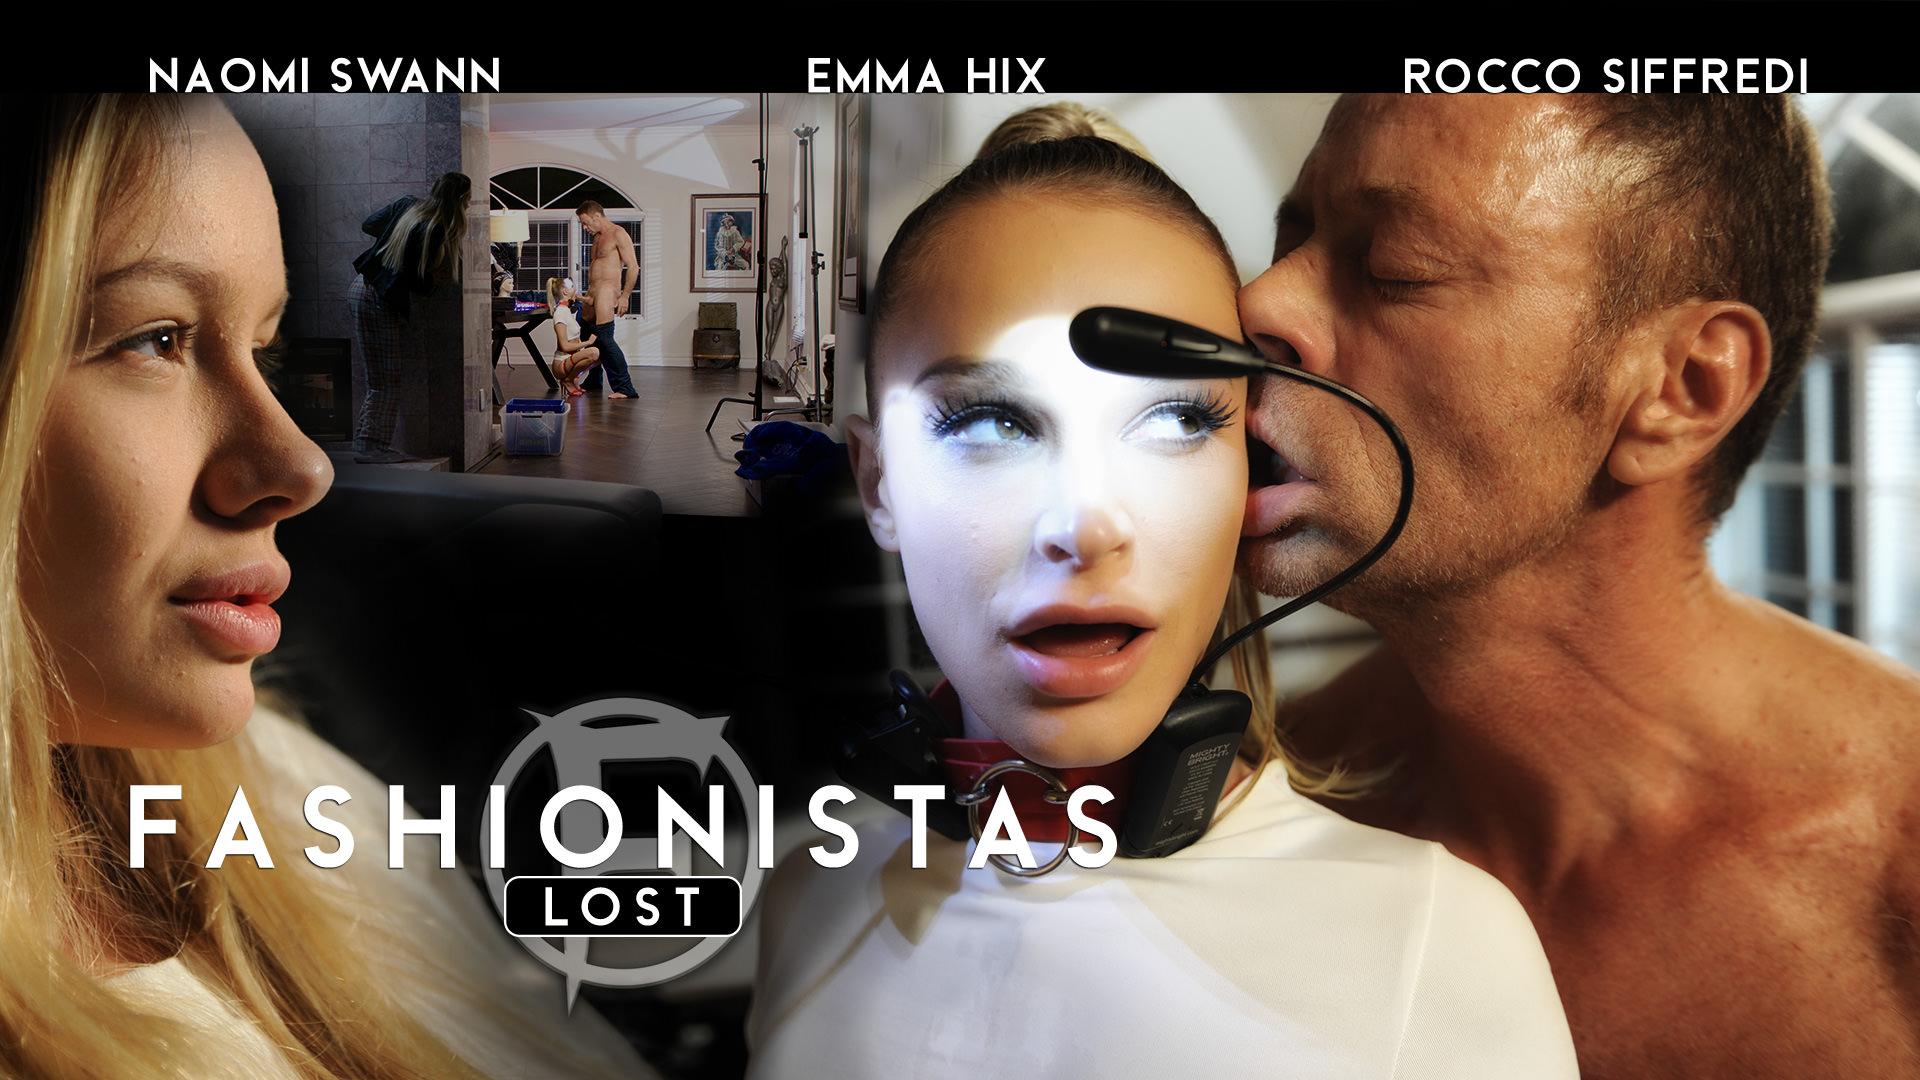 Fashionista - Lost - Rocco Siffredi & Emma Hix & Naomi Swann 1